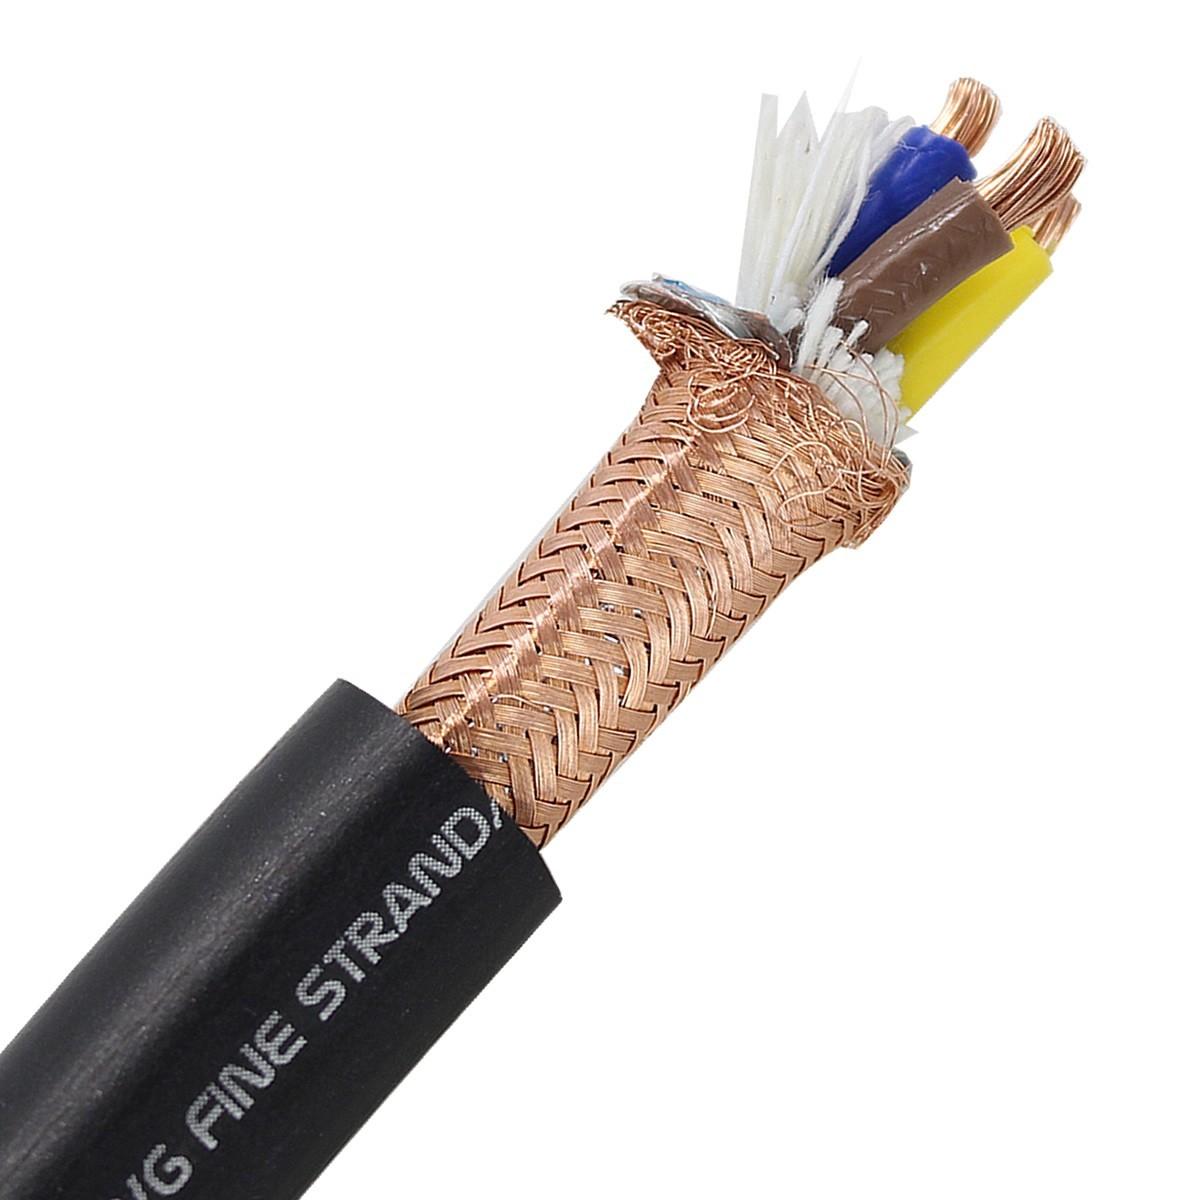 ELECAUDIO CS-331B Câble Secteur Double Blindage Cuivre OFC 3x3.5mm² Ø 15mm